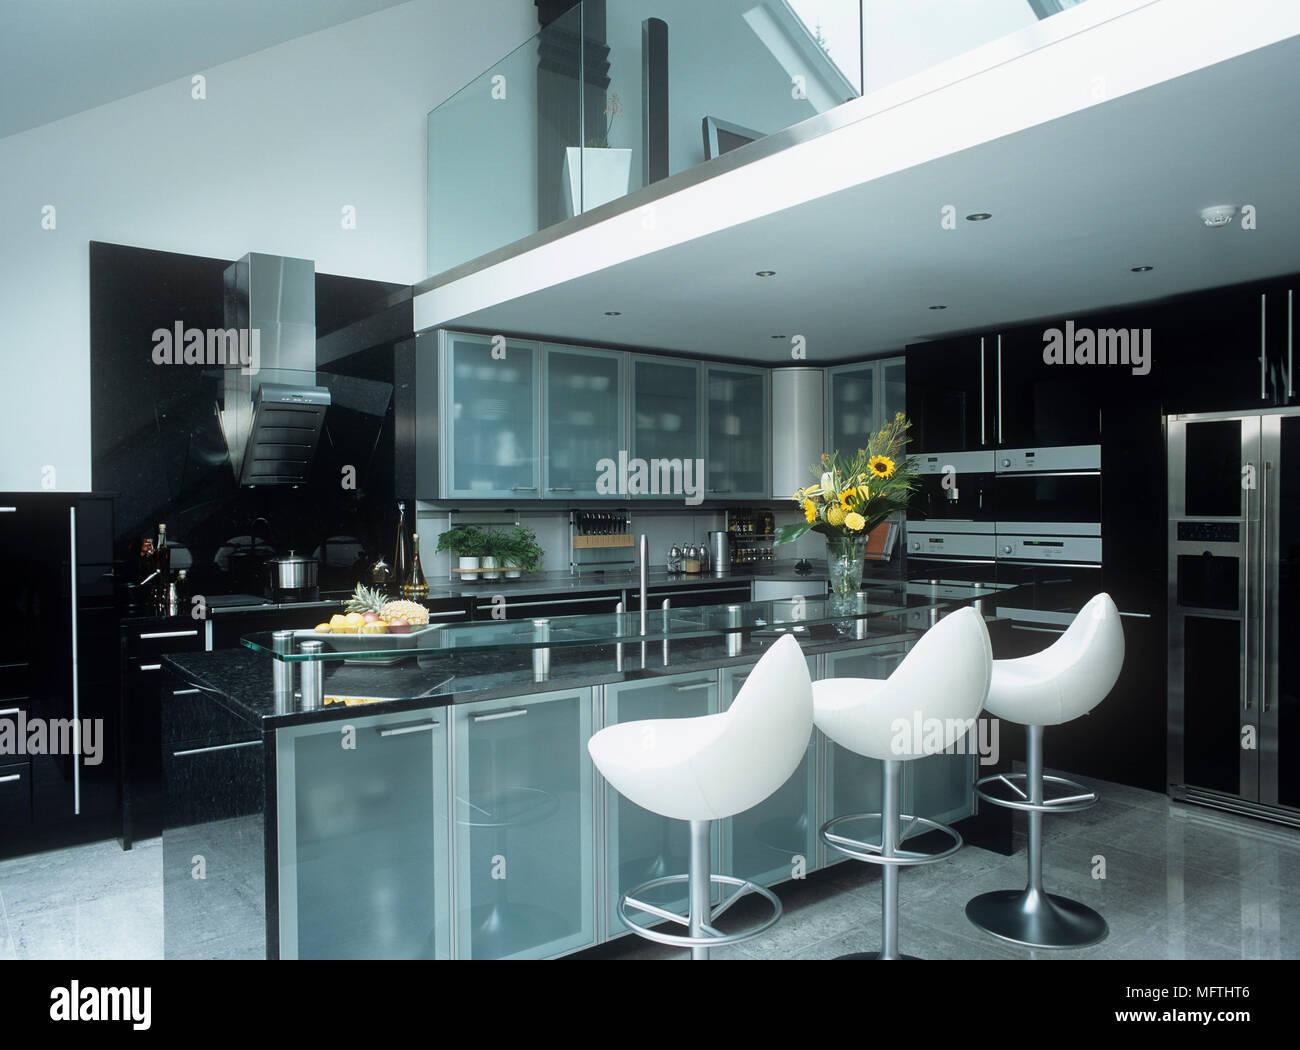 Ausgezeichnet Küchen Mit Schwarzen Edelstahl Geräten Fotos - Ideen ...